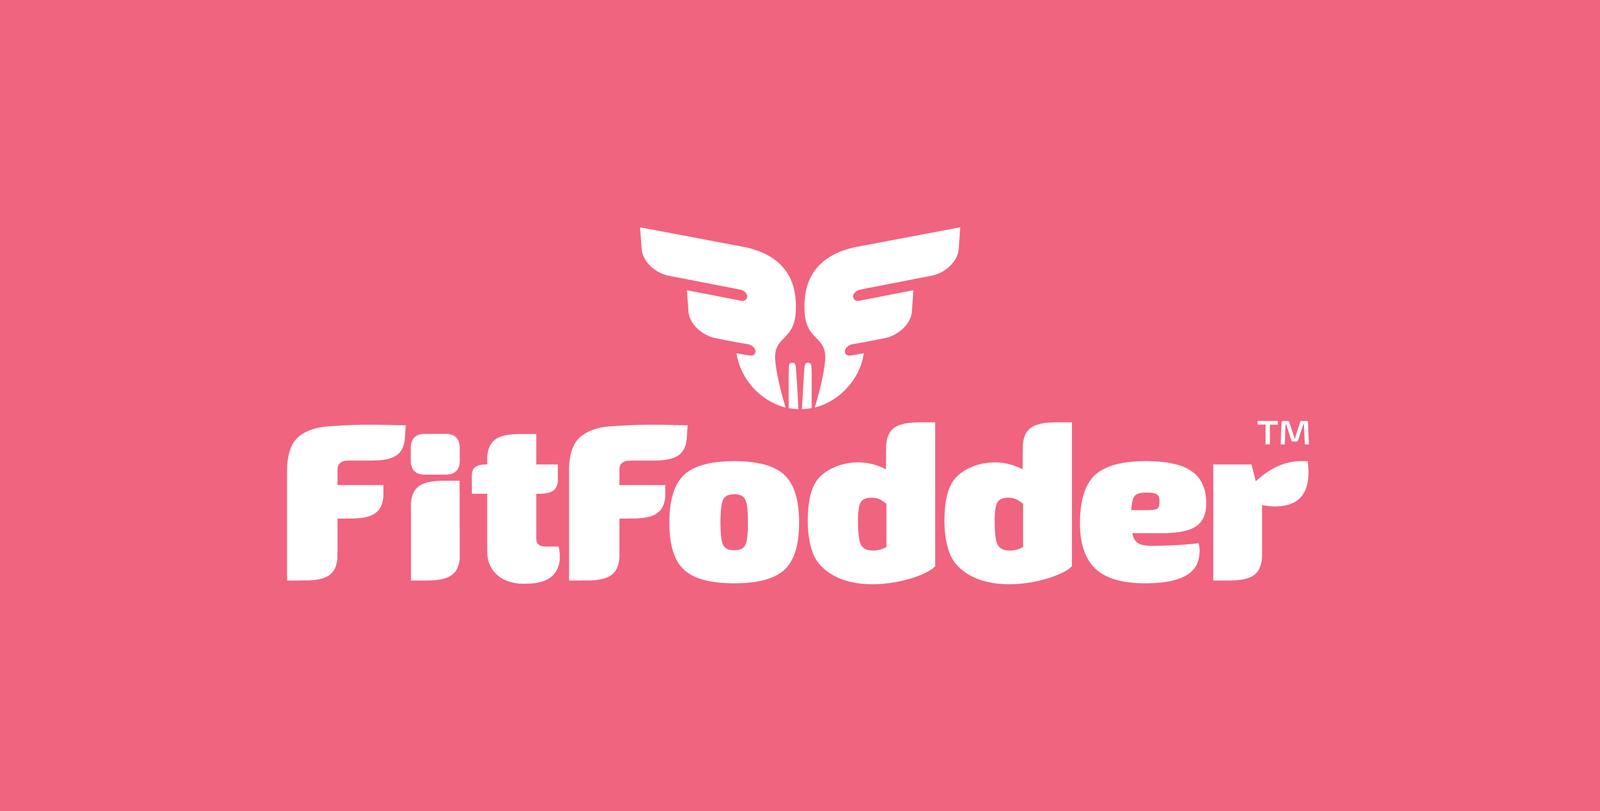 FitFodder_full-logo_wht